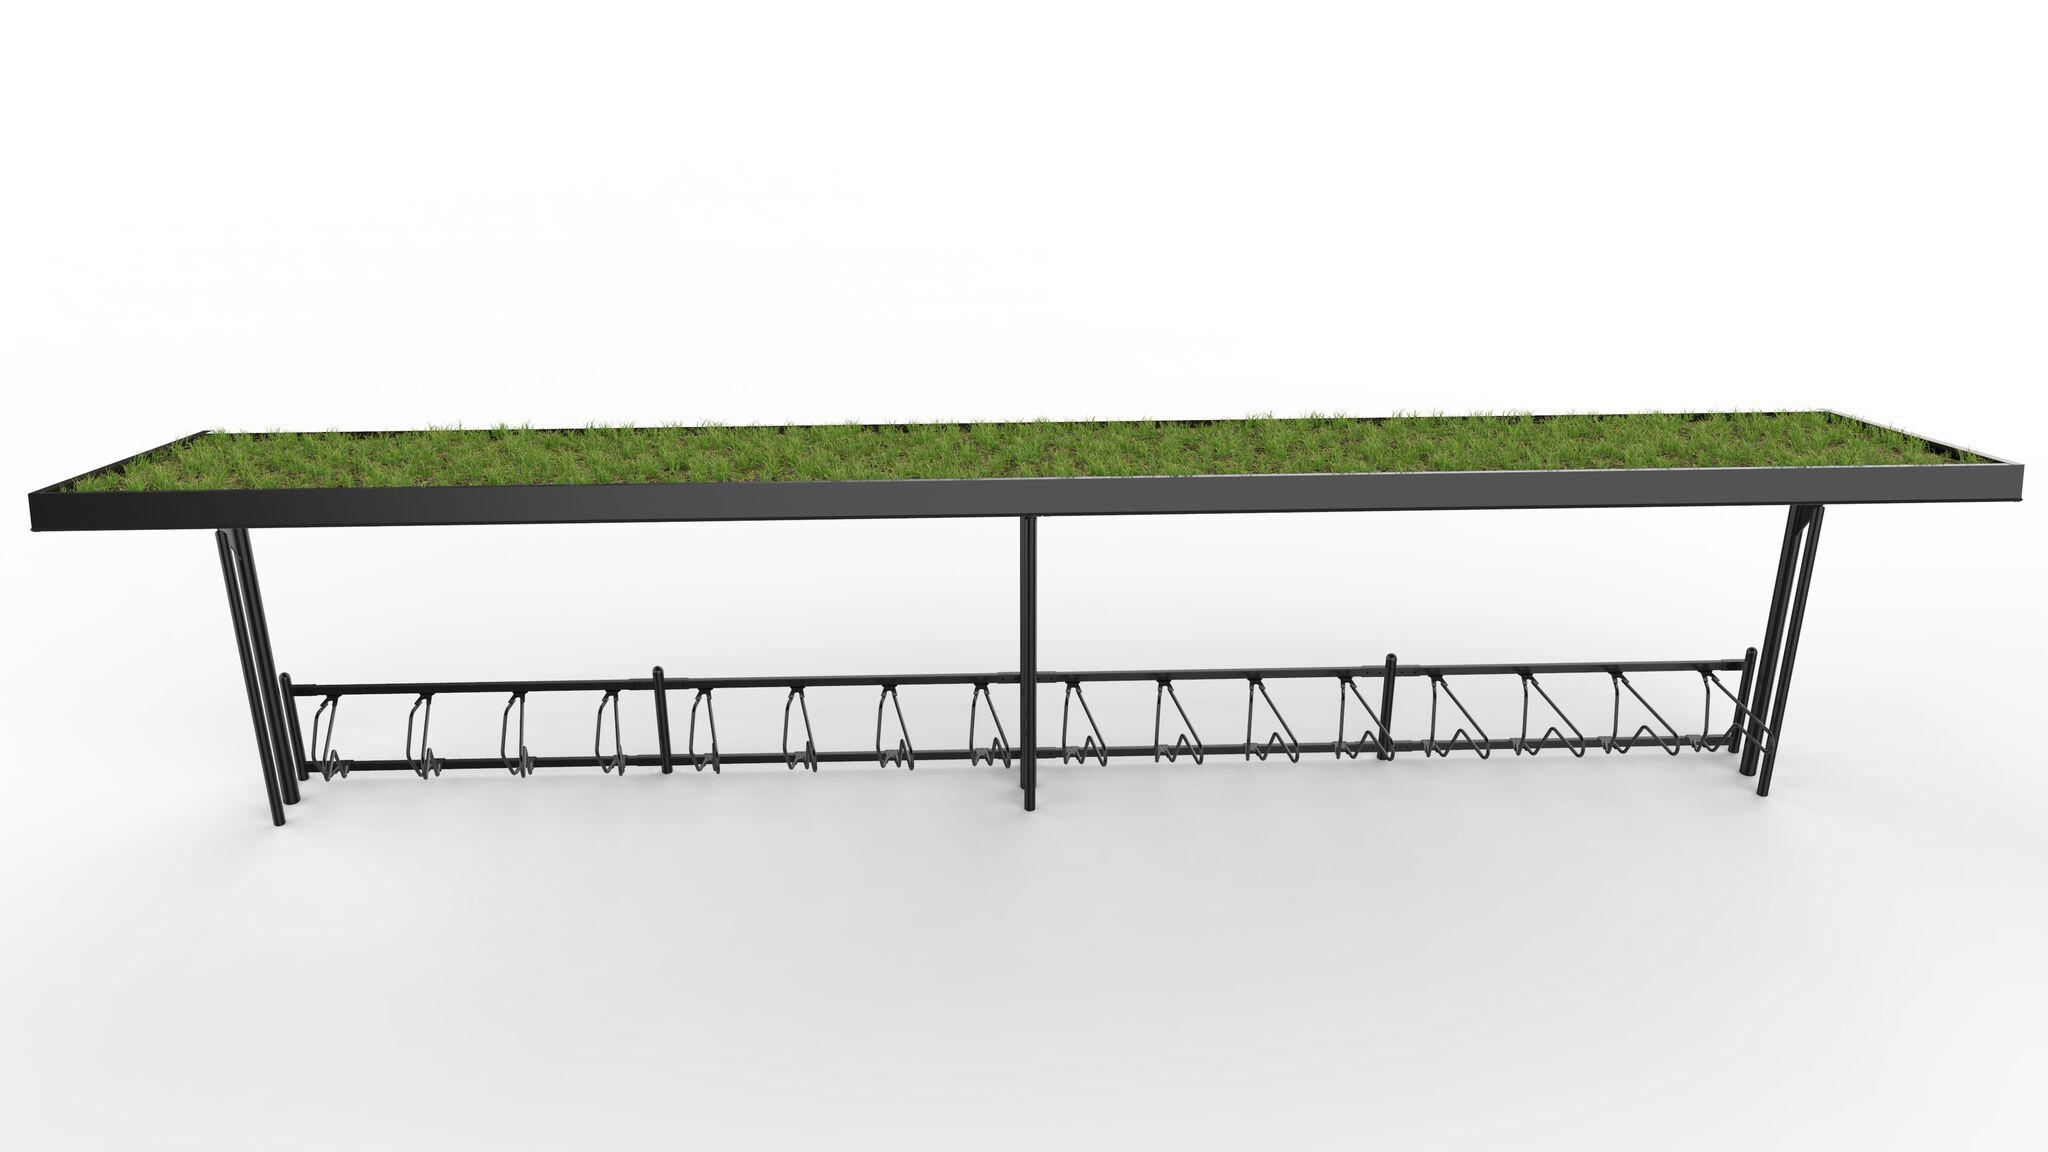 Cyklos KAPPA 8,5 metrin pyöräkatos viherkatoksella ilman päätytolppaa ja Delta runkolukitusteline, kuva edestä josta näkee viherkatoksen